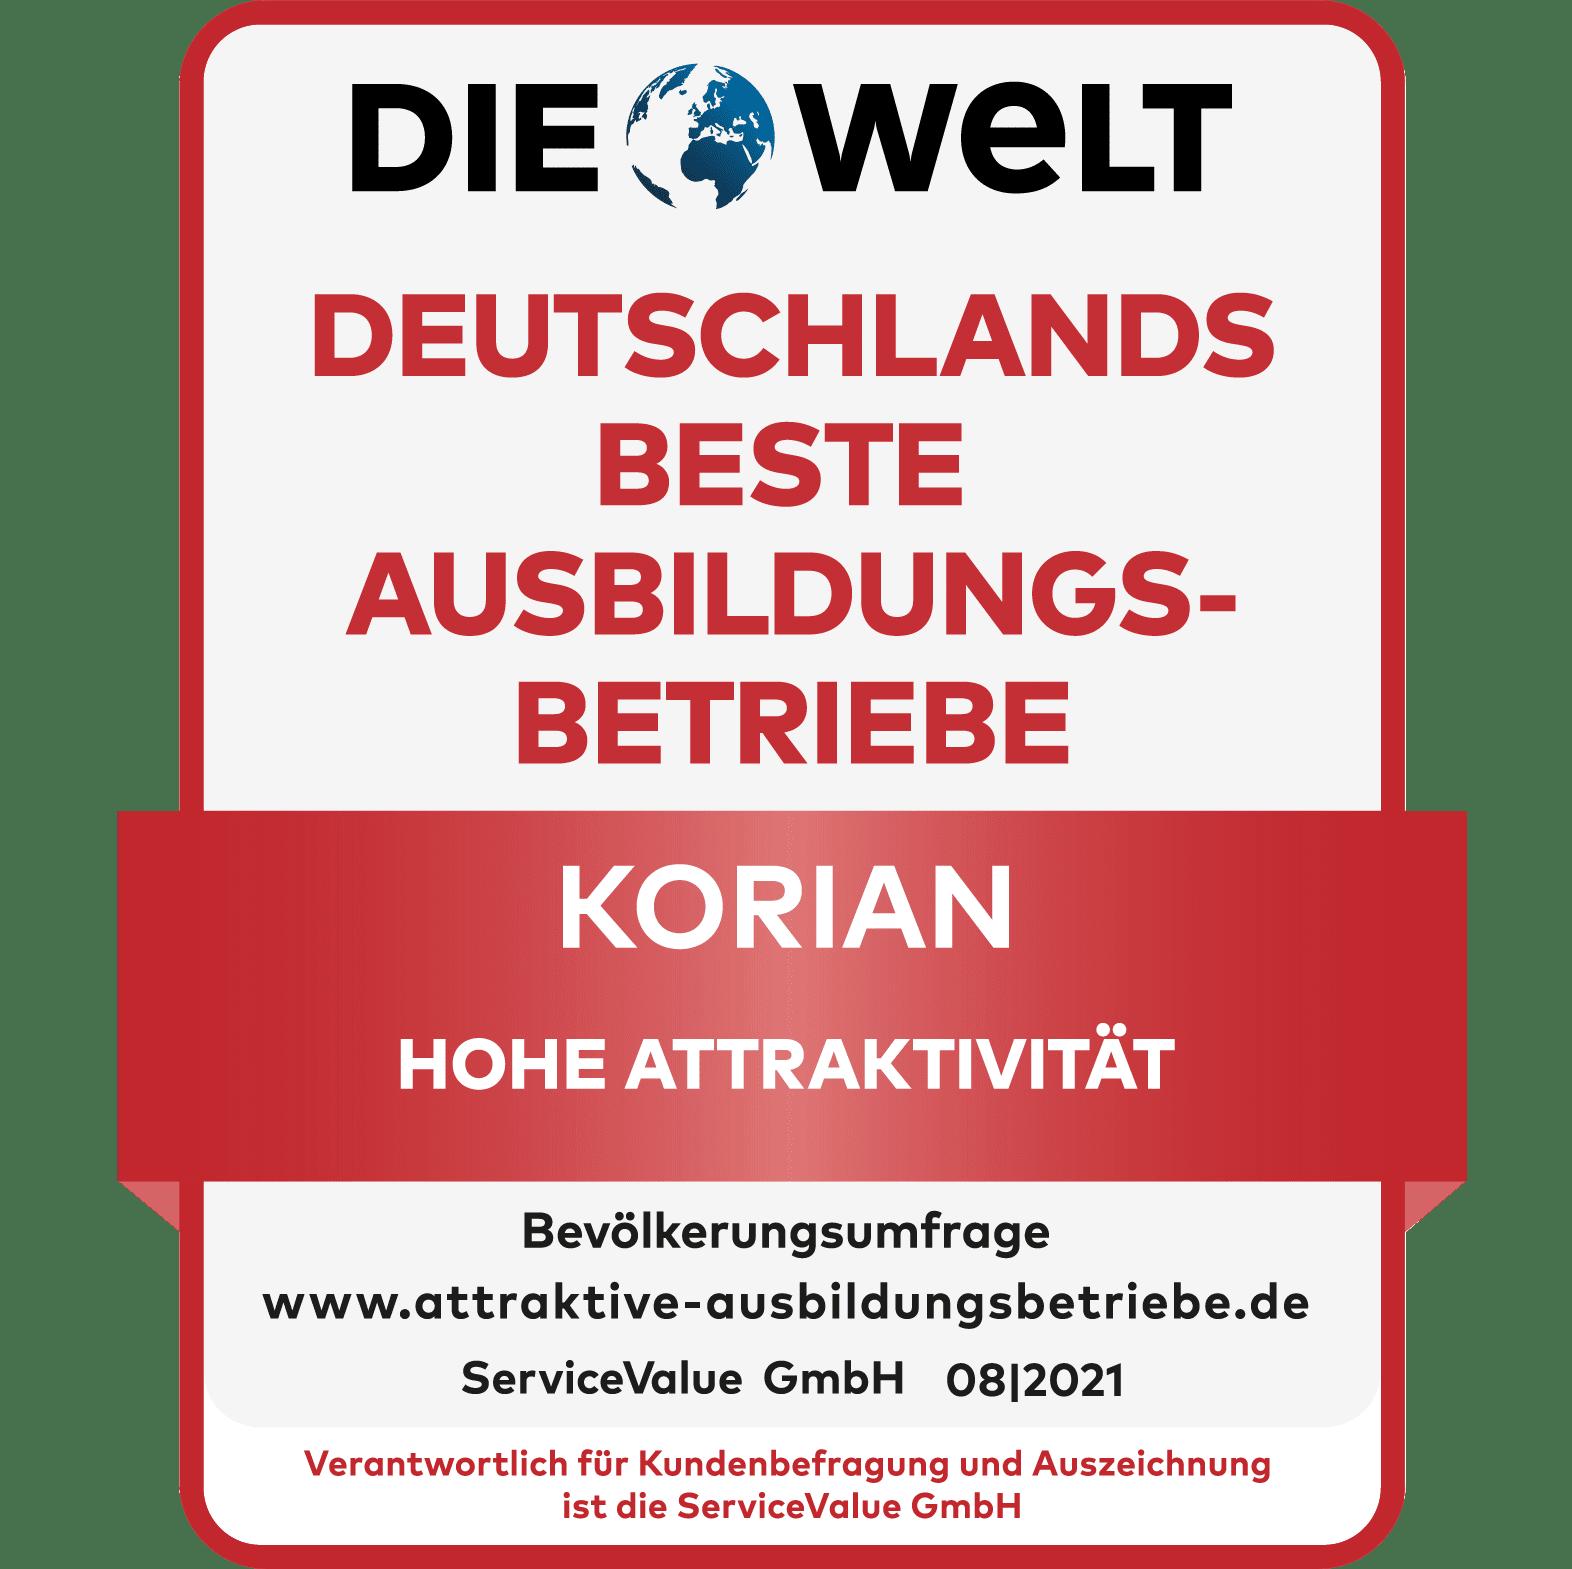 Korian Deutschland - ausgezeichnet als bester Ausbildungsbetrieb